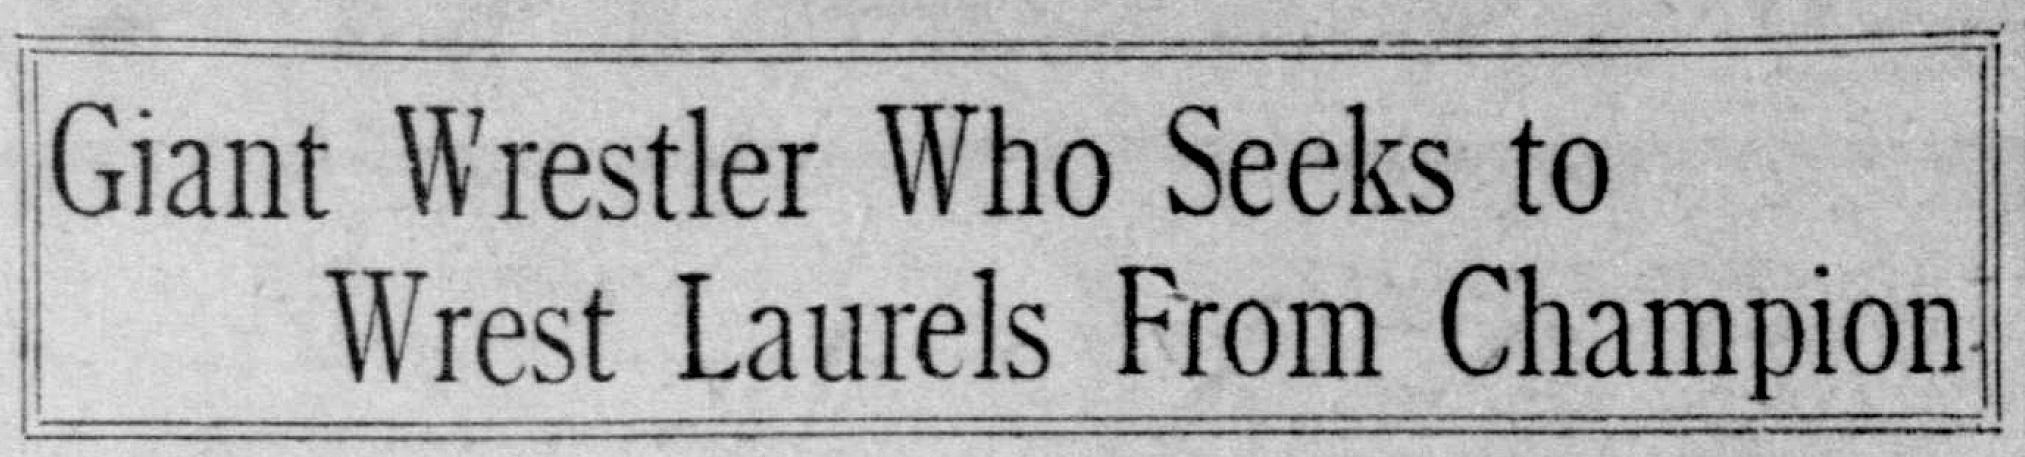 Novinový titulek z The San Francisco Call představuje Šmekala coby vyzyvatele Franka Gotche.